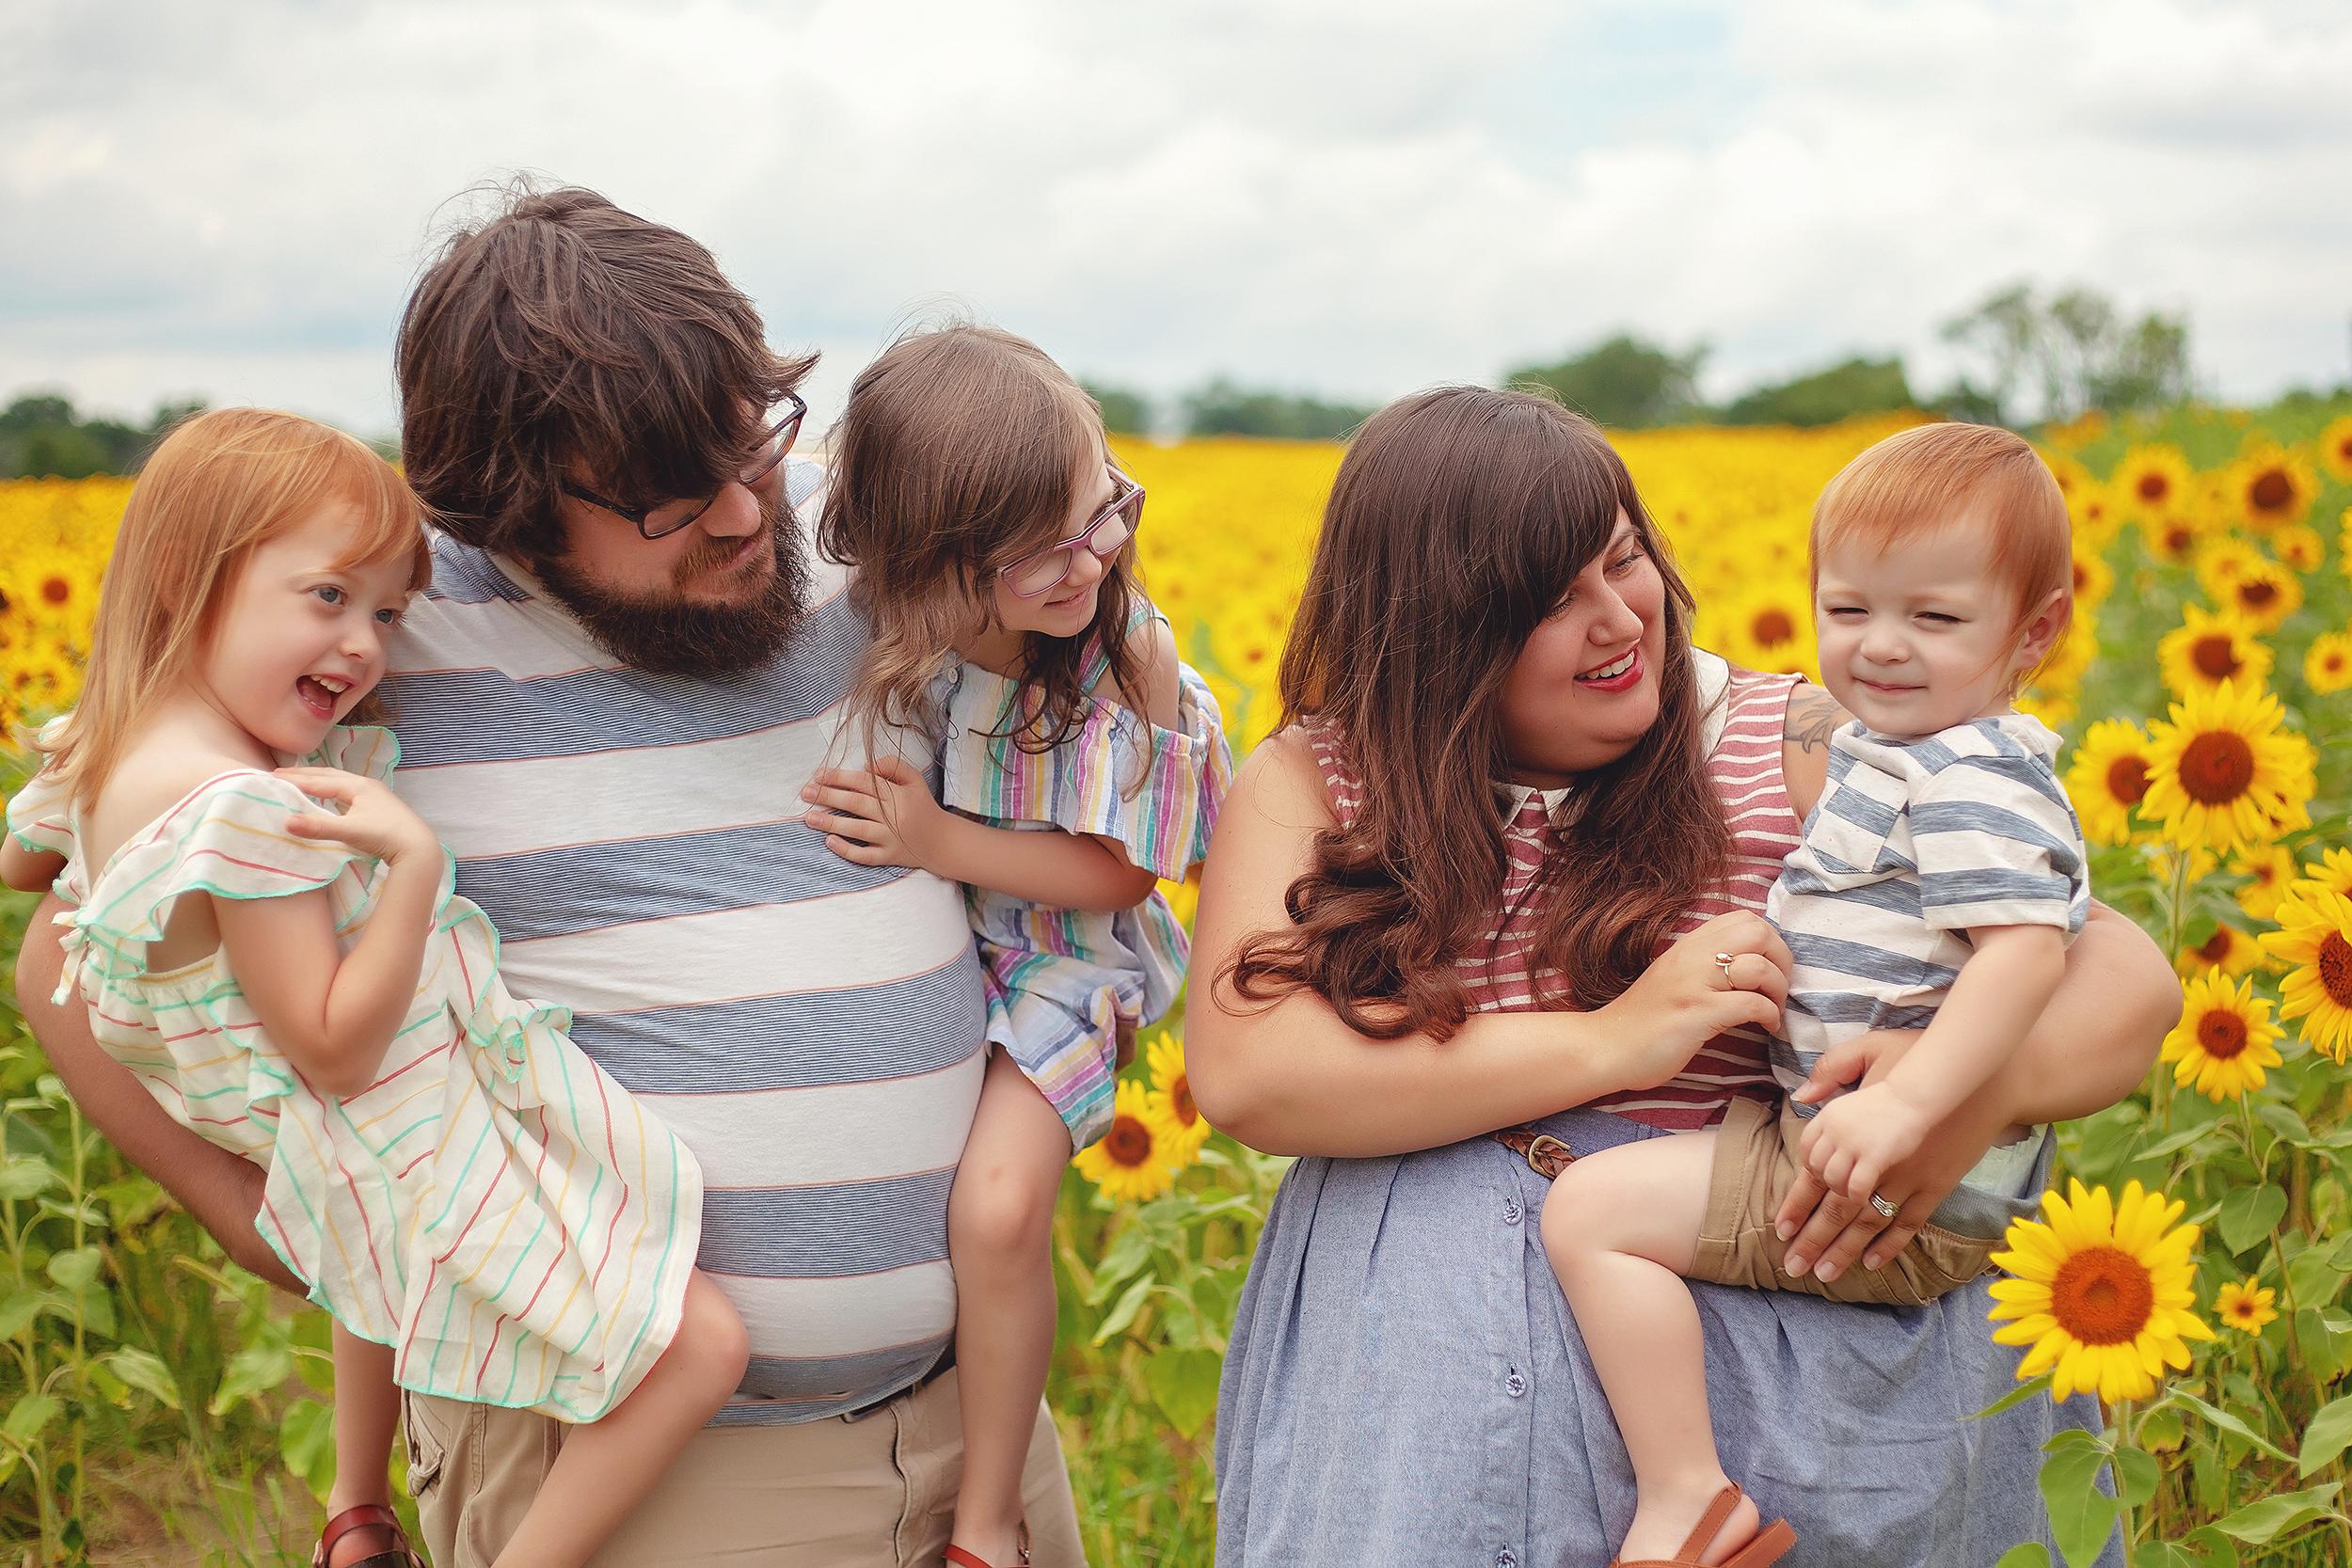 cleveland-akron-ohio-family-photographer.jpg